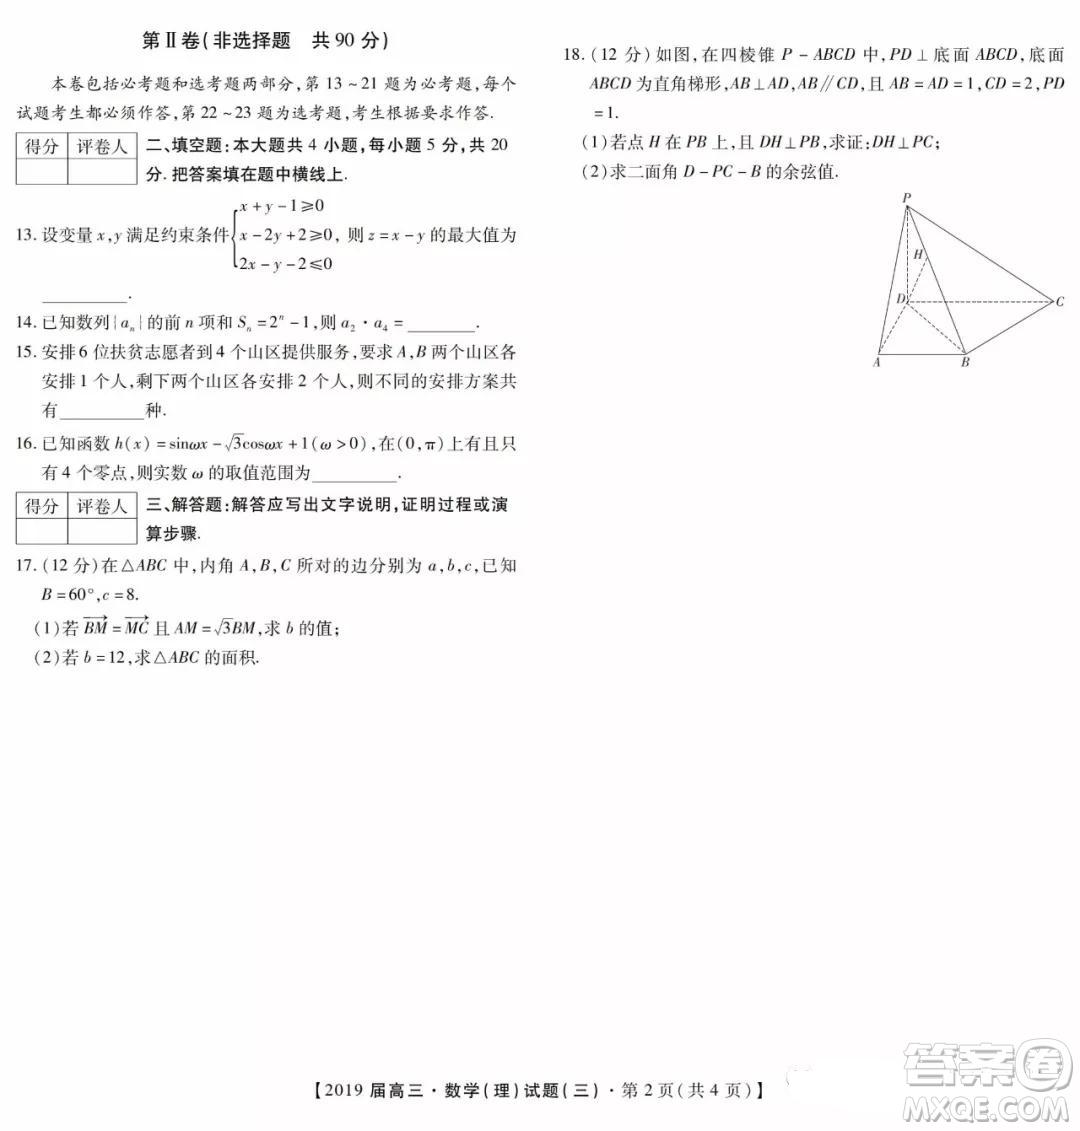 2019年金学导航大联考三理科数学试题及答案